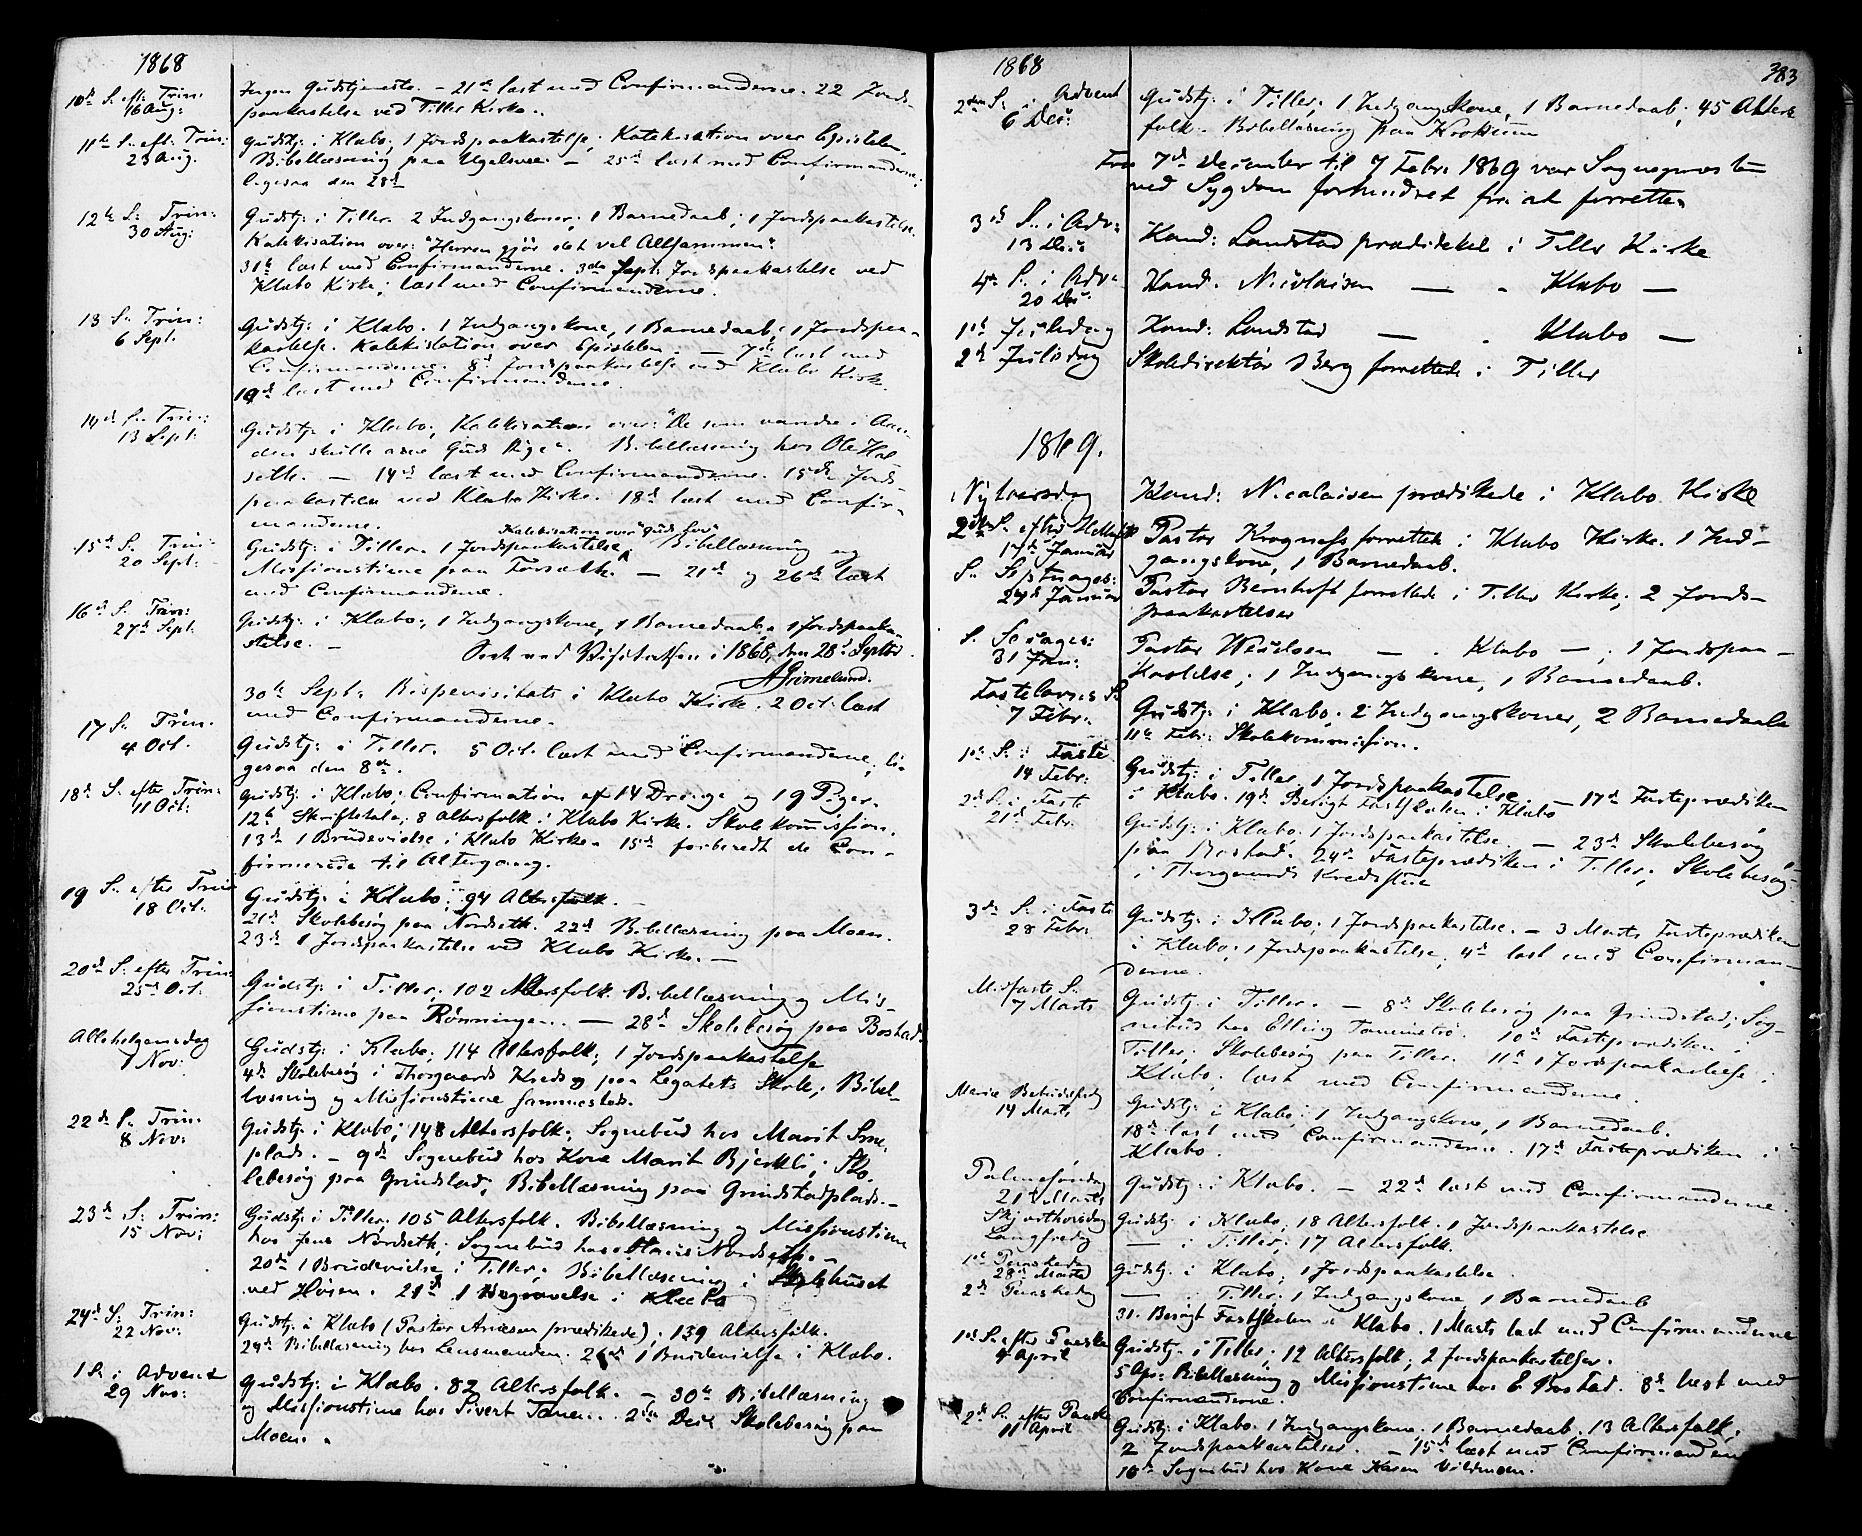 SAT, Ministerialprotokoller, klokkerbøker og fødselsregistre - Sør-Trøndelag, 618/L0442: Ministerialbok nr. 618A06 /1, 1863-1879, s. 383